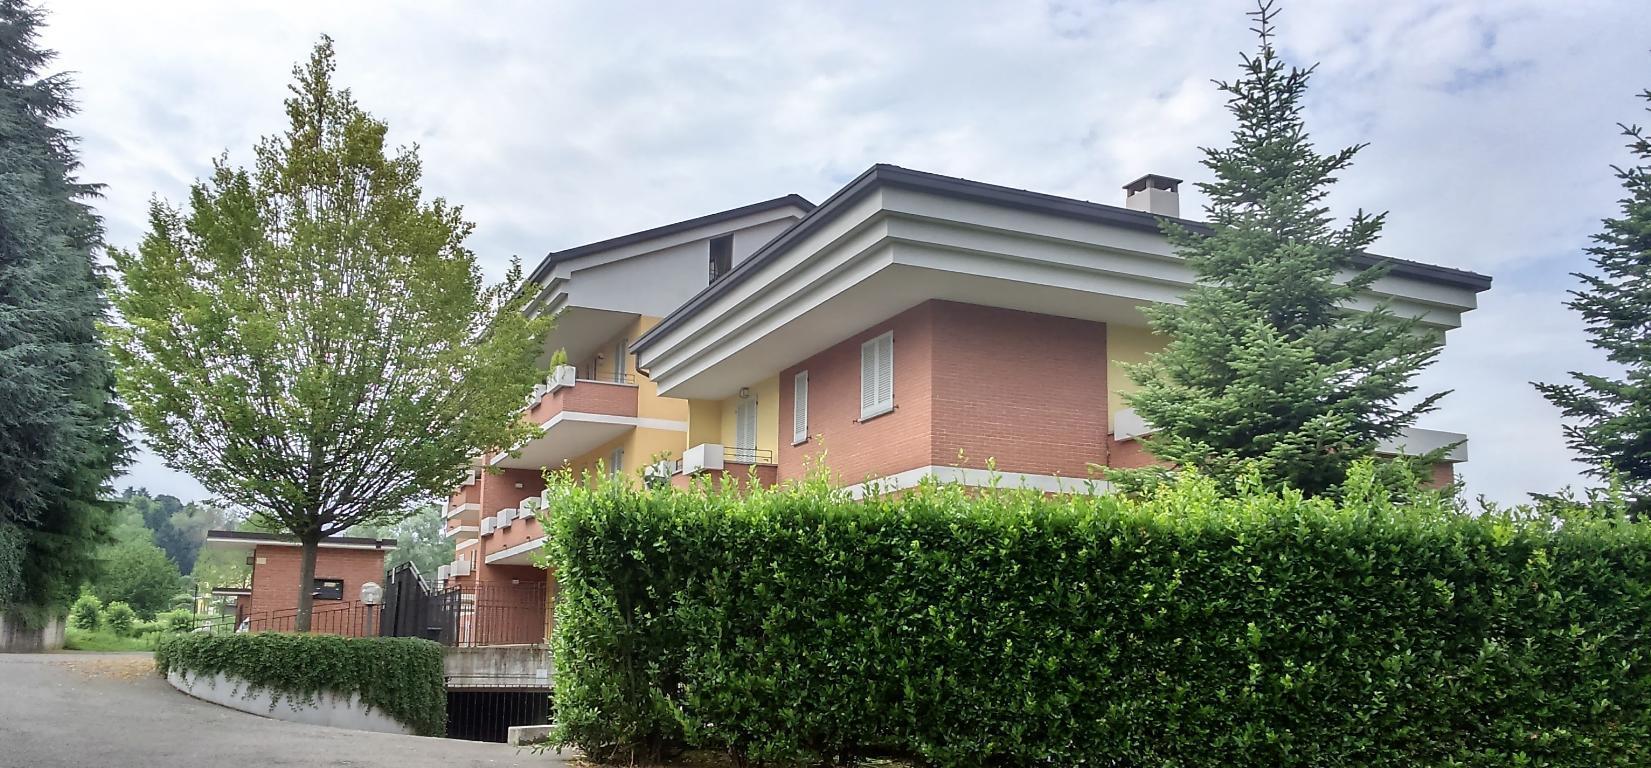 Appartamento in vendita a Monticello Brianza, 3 locali, zona Località: Semicentrale, prezzo € 240.000 | Cambio Casa.it